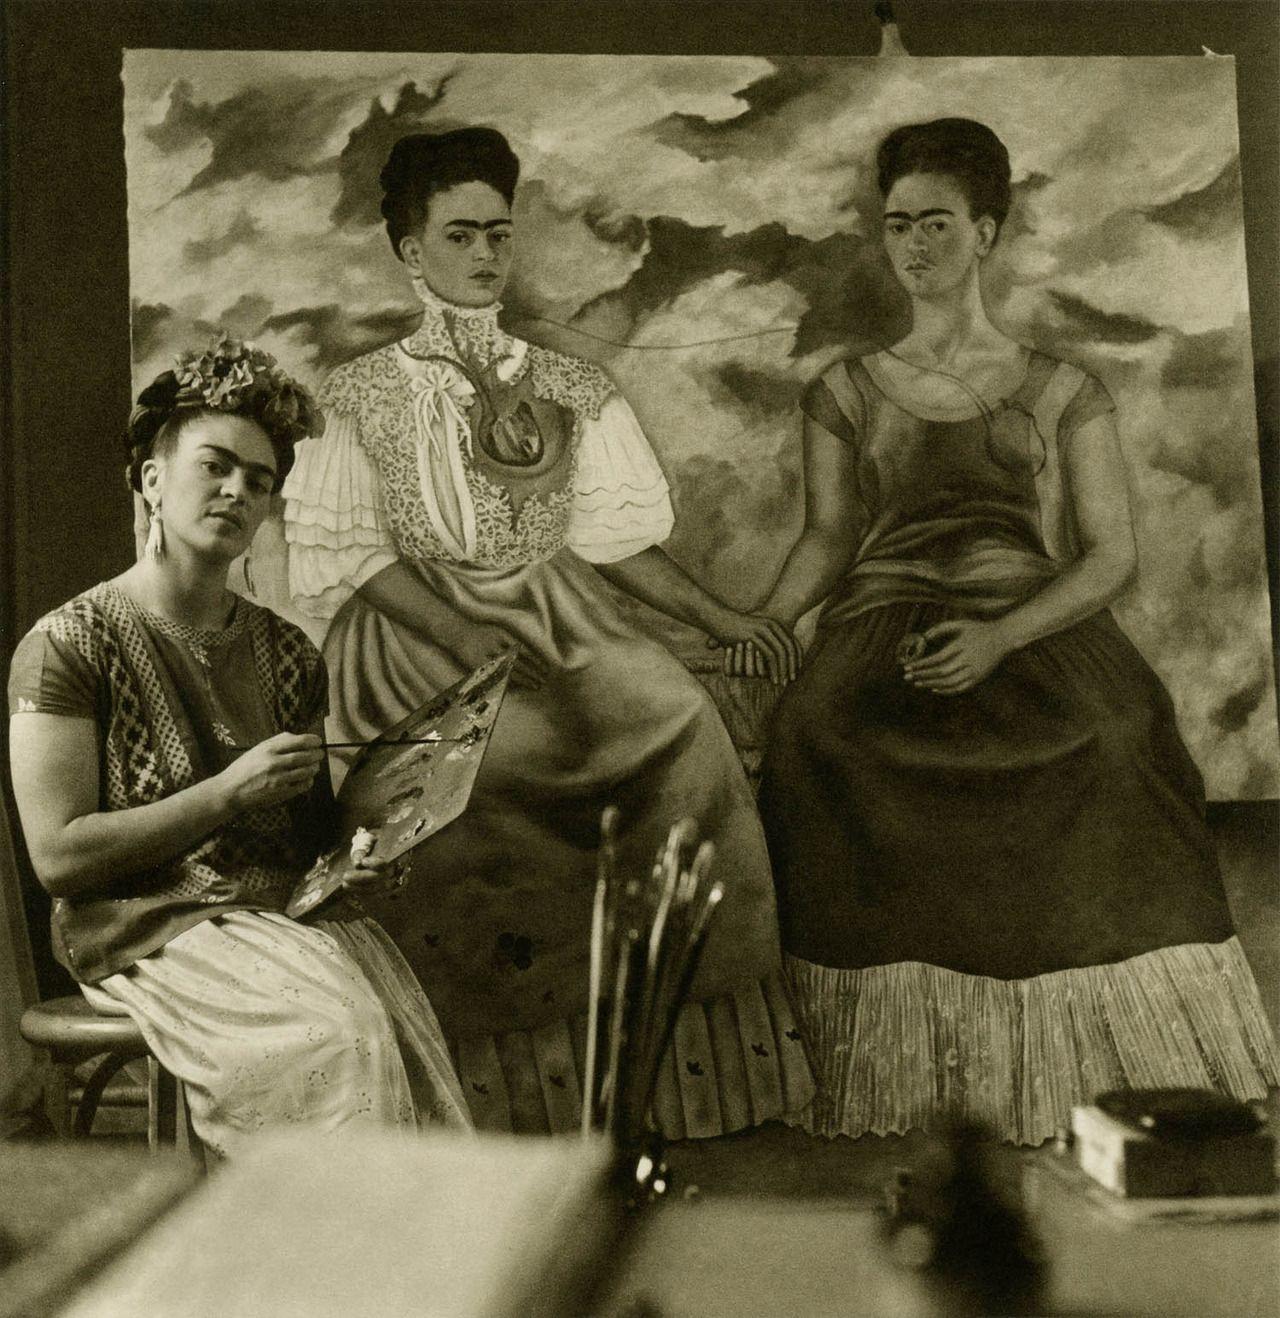 Frida Kahlo Painting Two Fridas 1938 With Images Frida